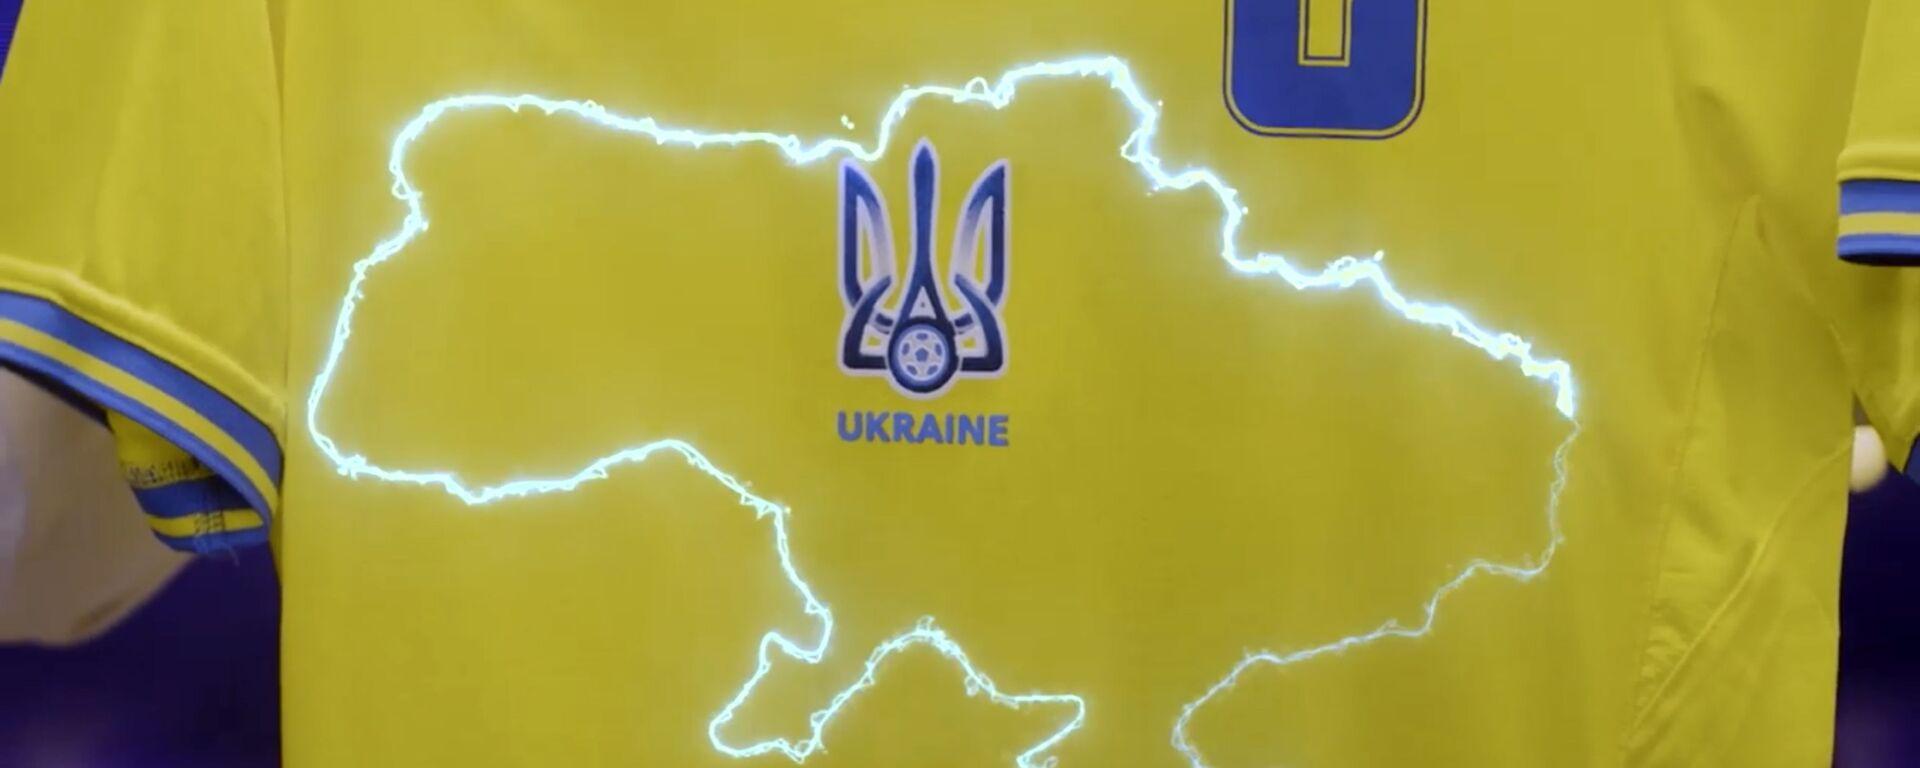 Strój reprezentacji narodowej Ukrainy w piłce nożnej      - Sputnik Polska, 1920, 03.07.2021